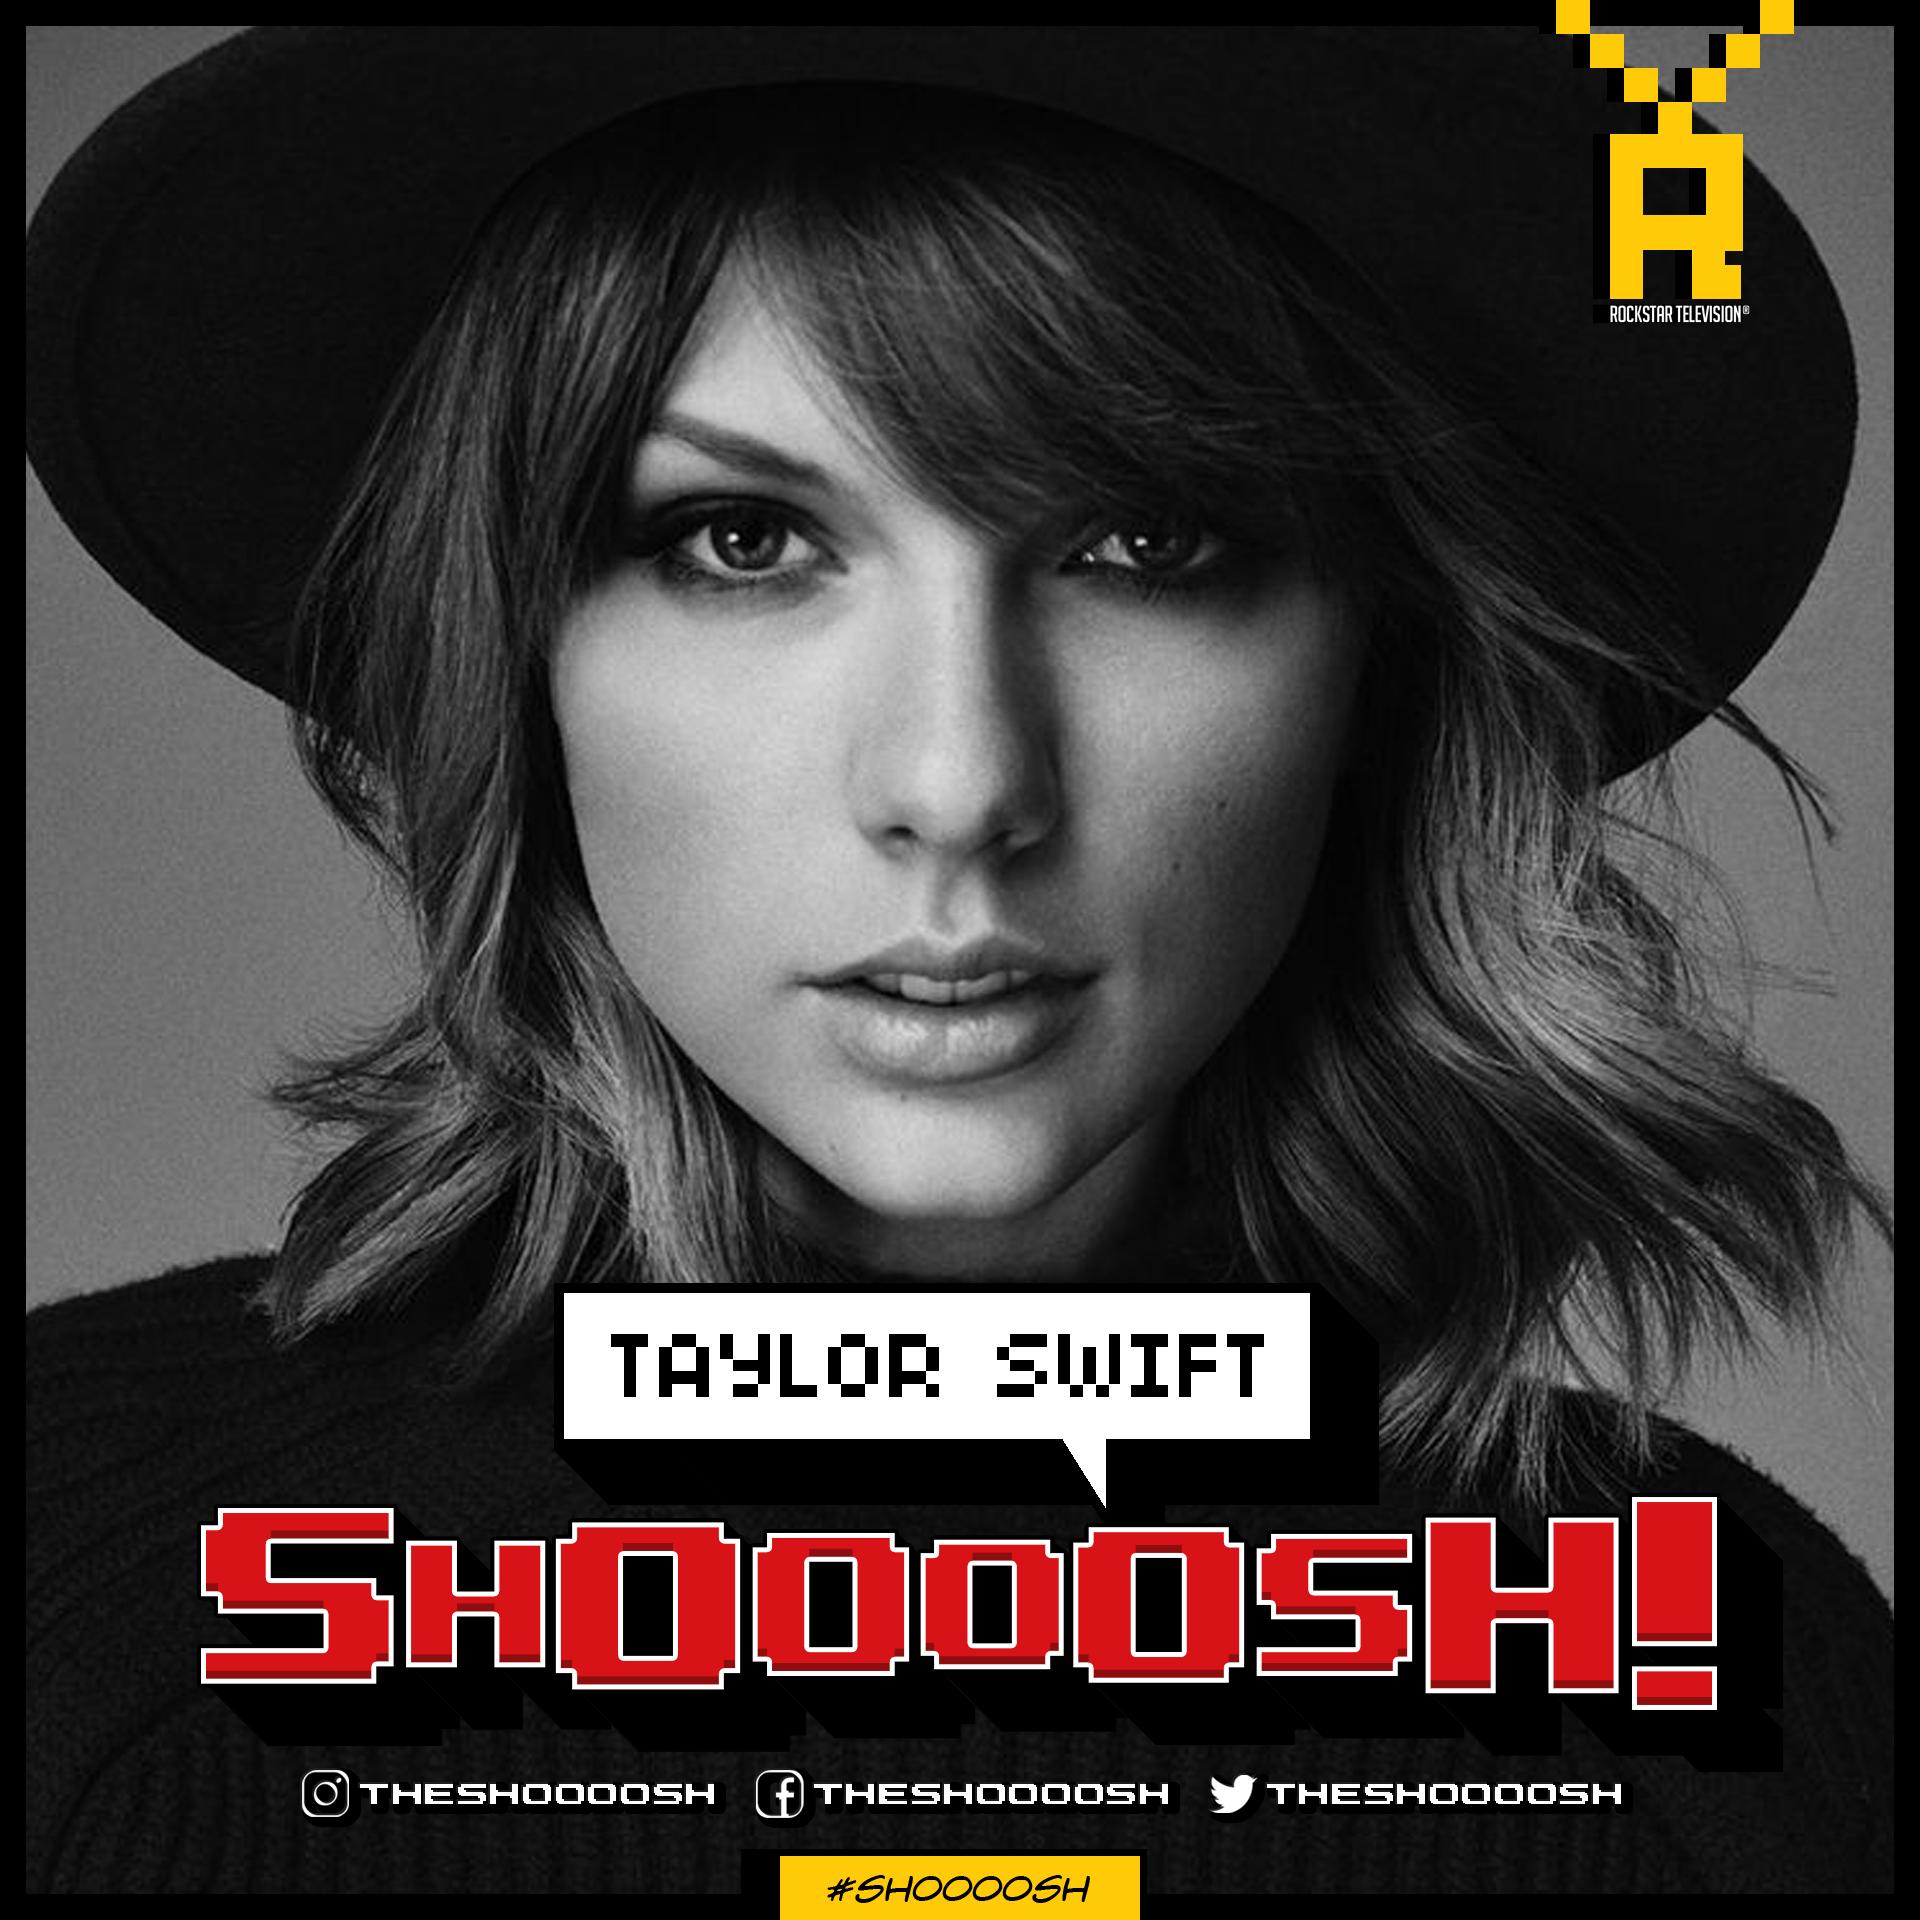 SHOOOOSH! TAYLOR SWIFT00001